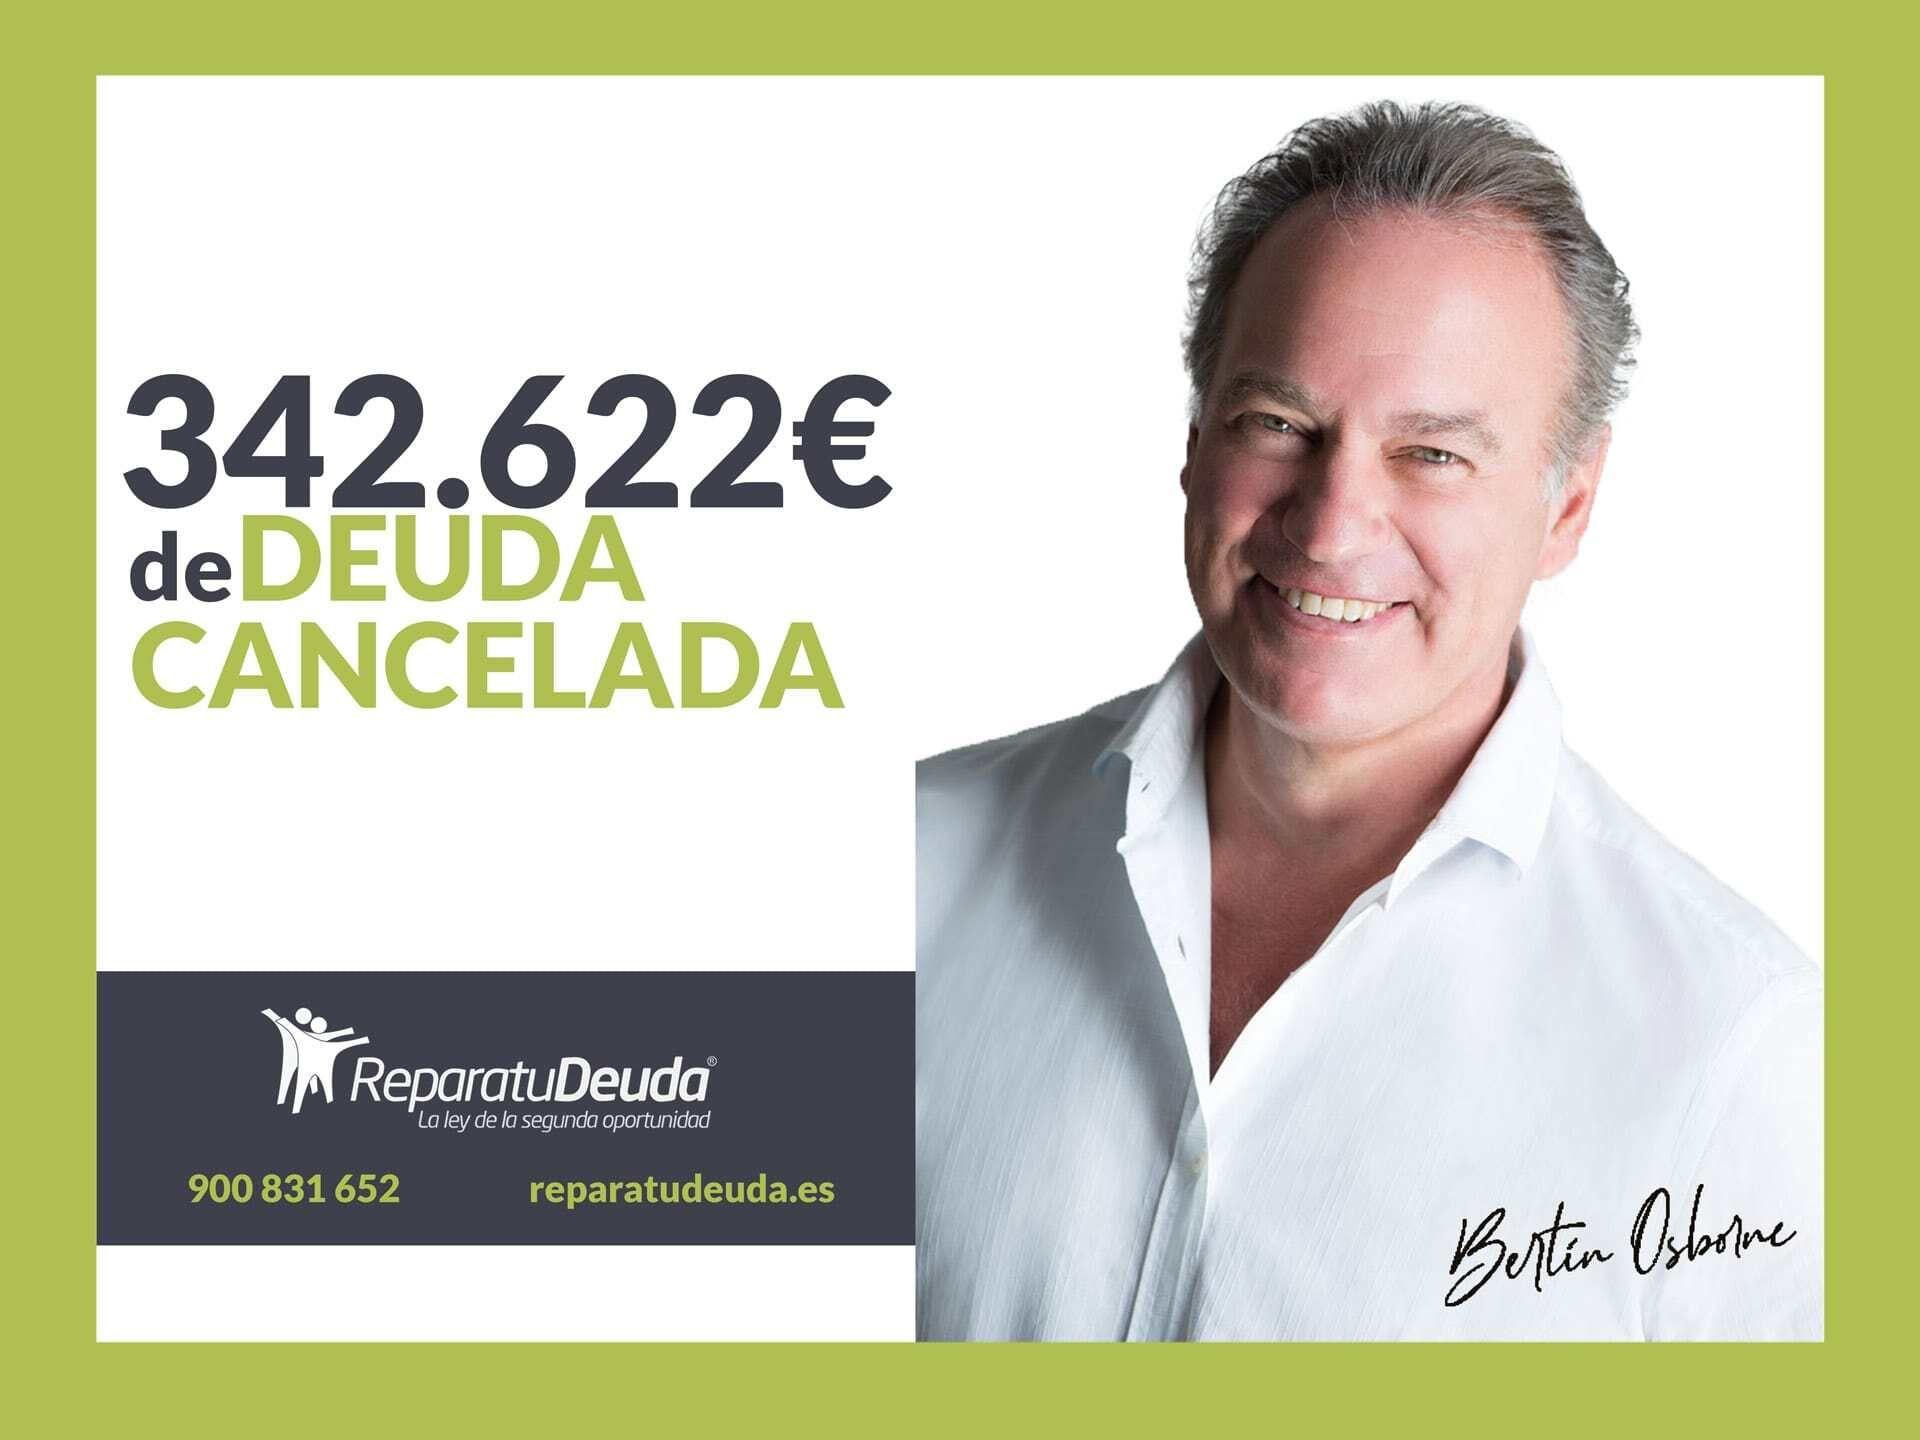 Repara tu Deuda Abogados cancela 342.622€ en Sabadell (Barcelona) con la Ley de Segunda Oportunidad